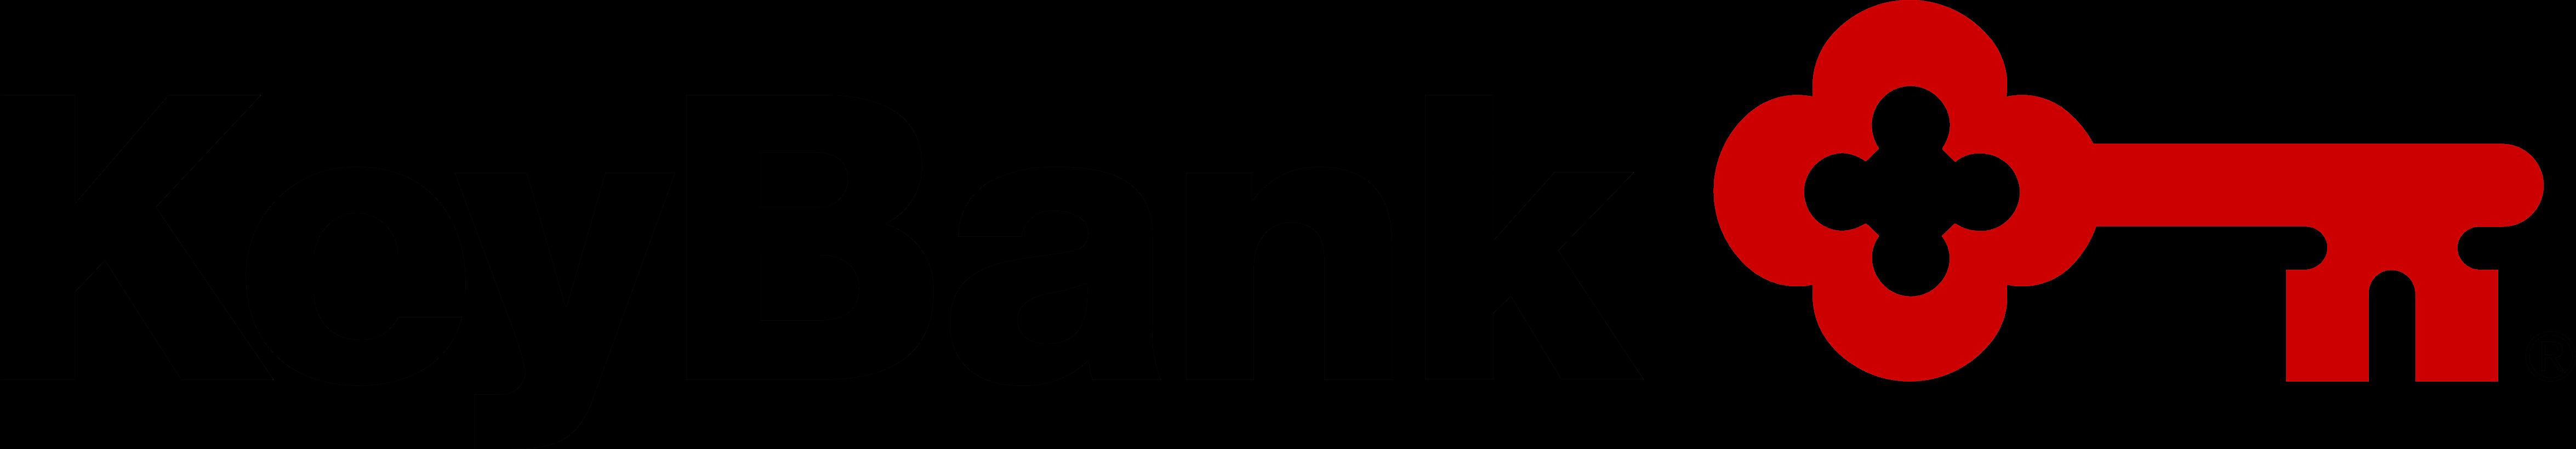 KeyBank logo (Key Bank).